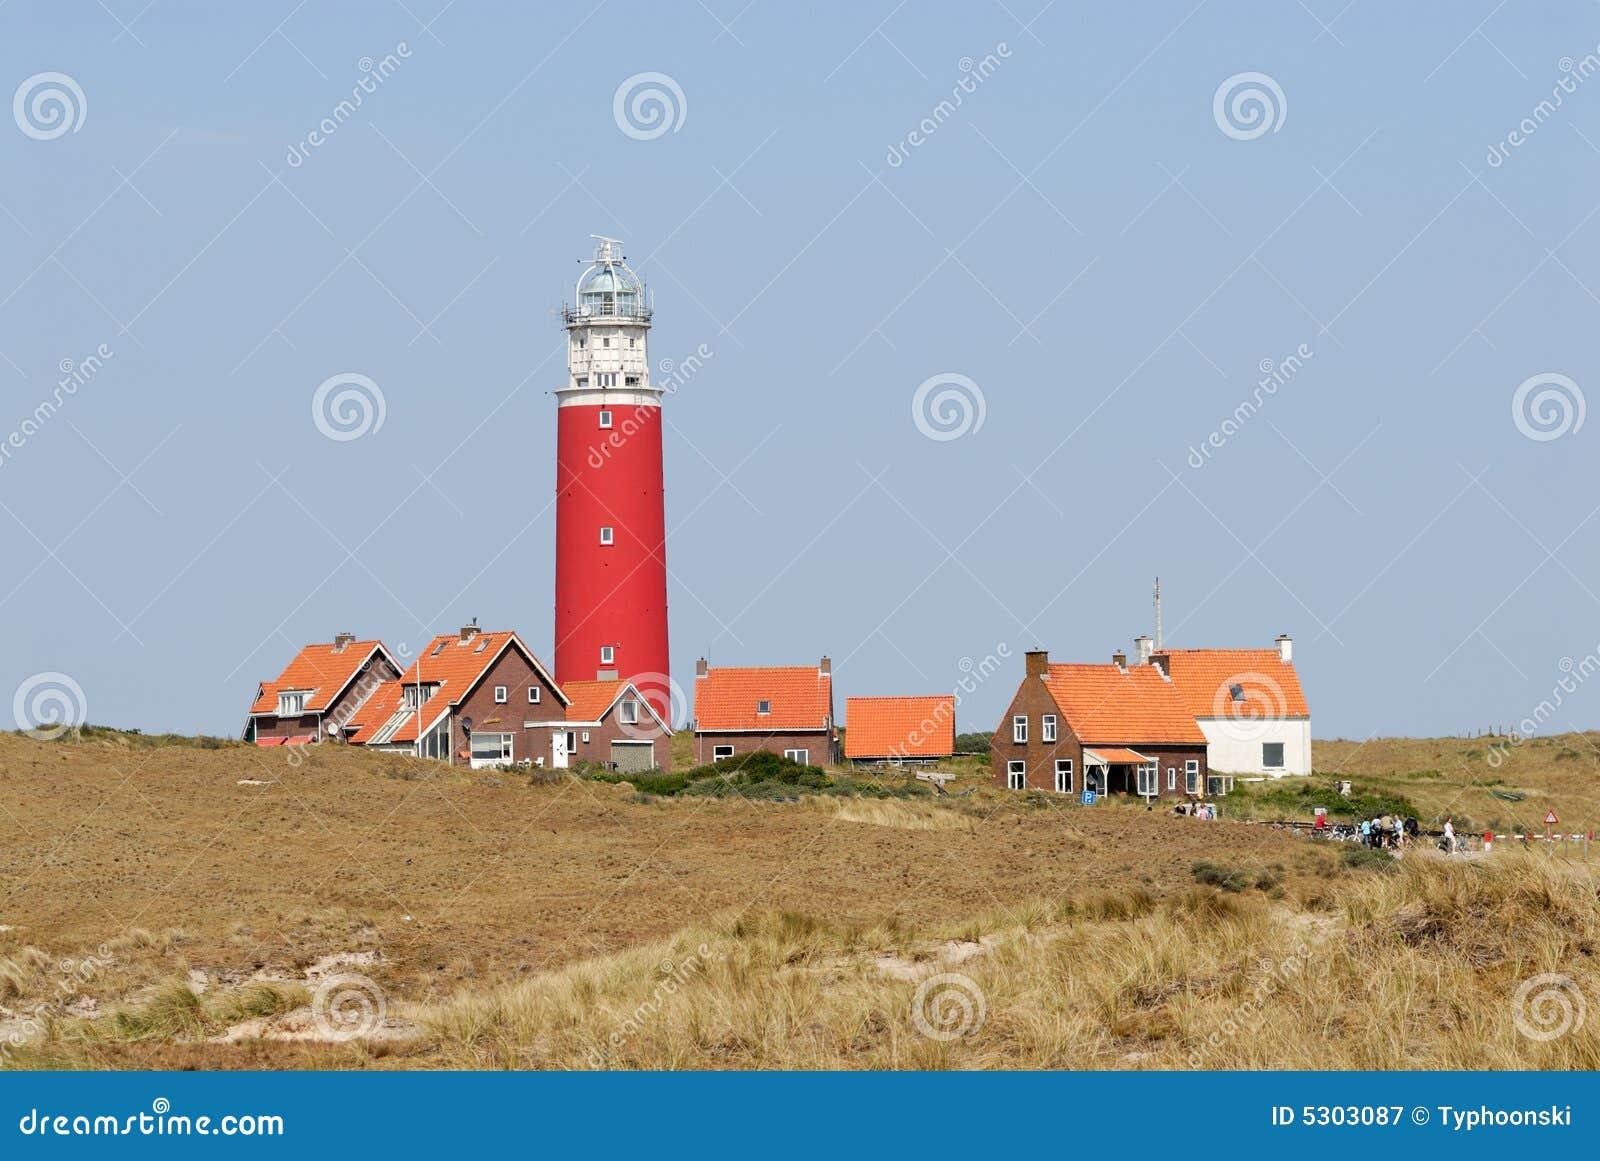 Download Faro nei Paesi Bassi immagine stock. Immagine di nearsighted - 5303087